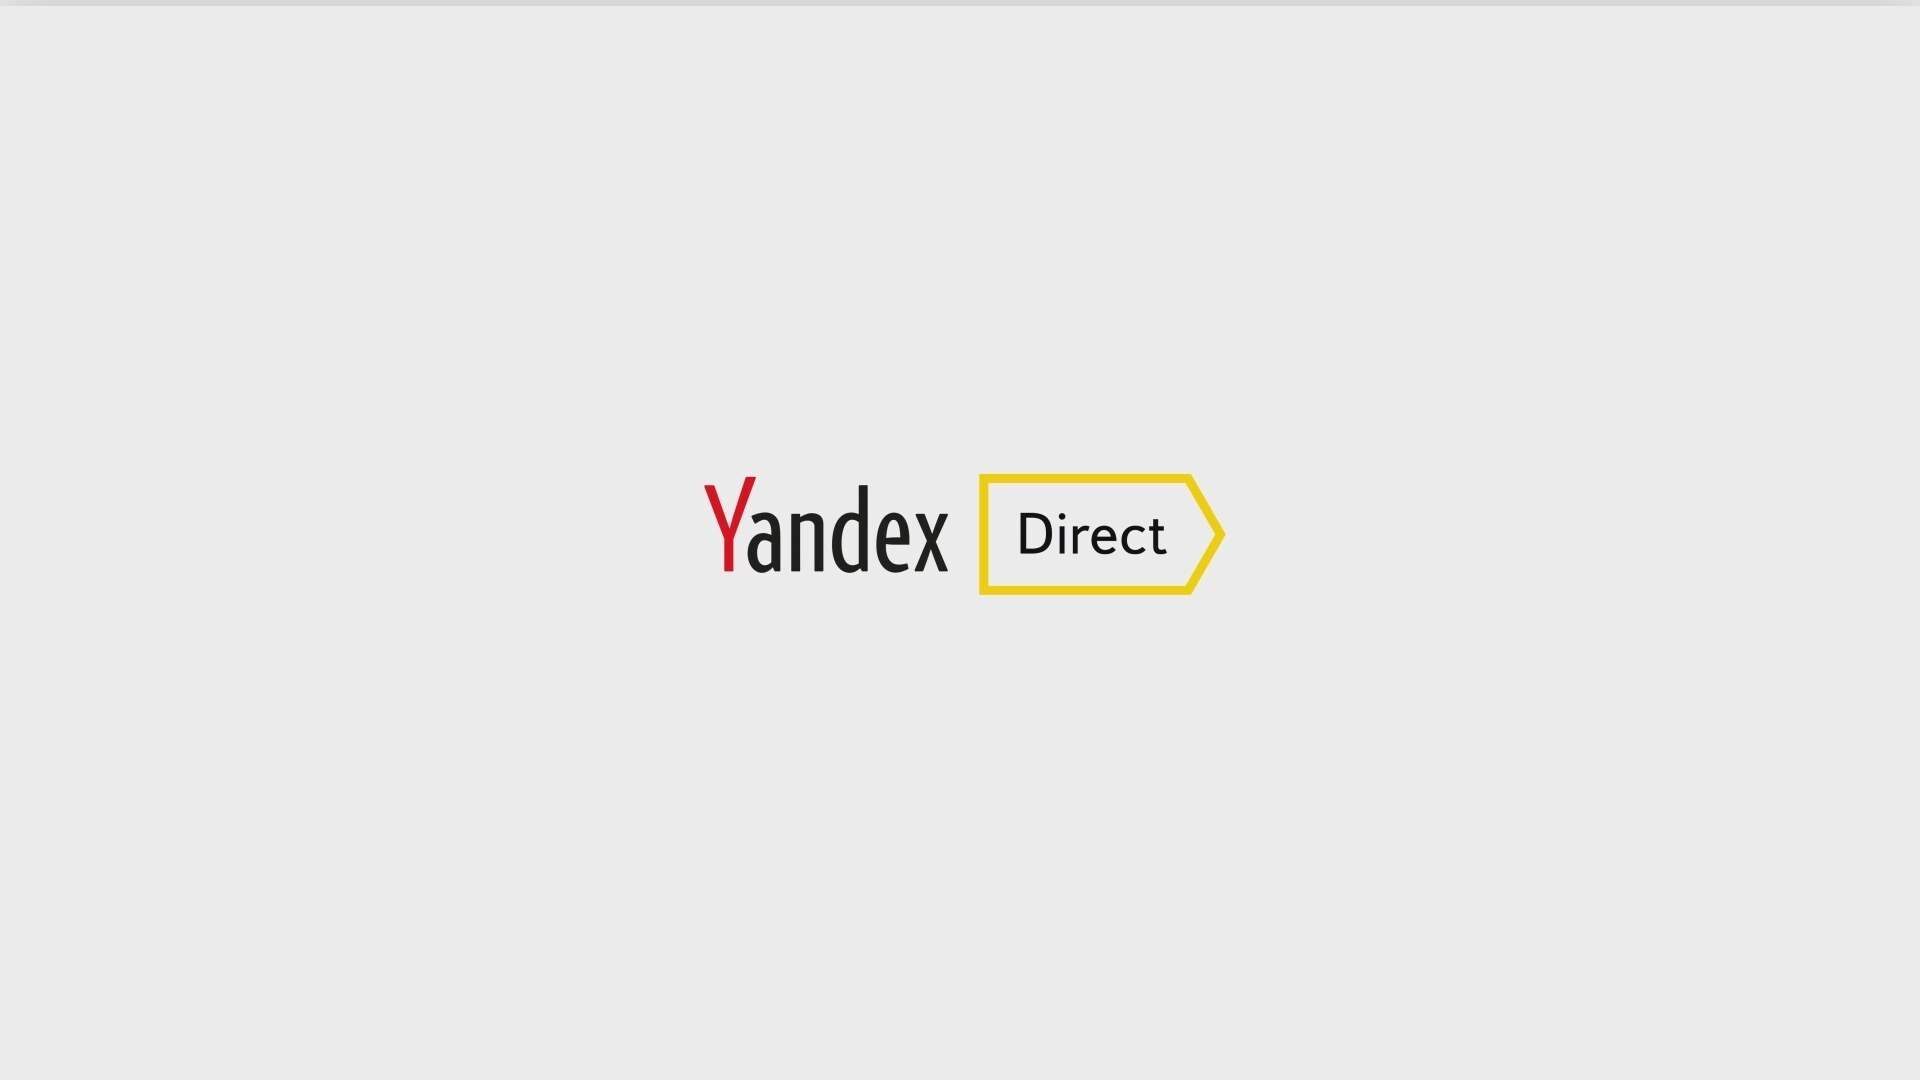 yandex reklam hizmetleri yandex direct izmir